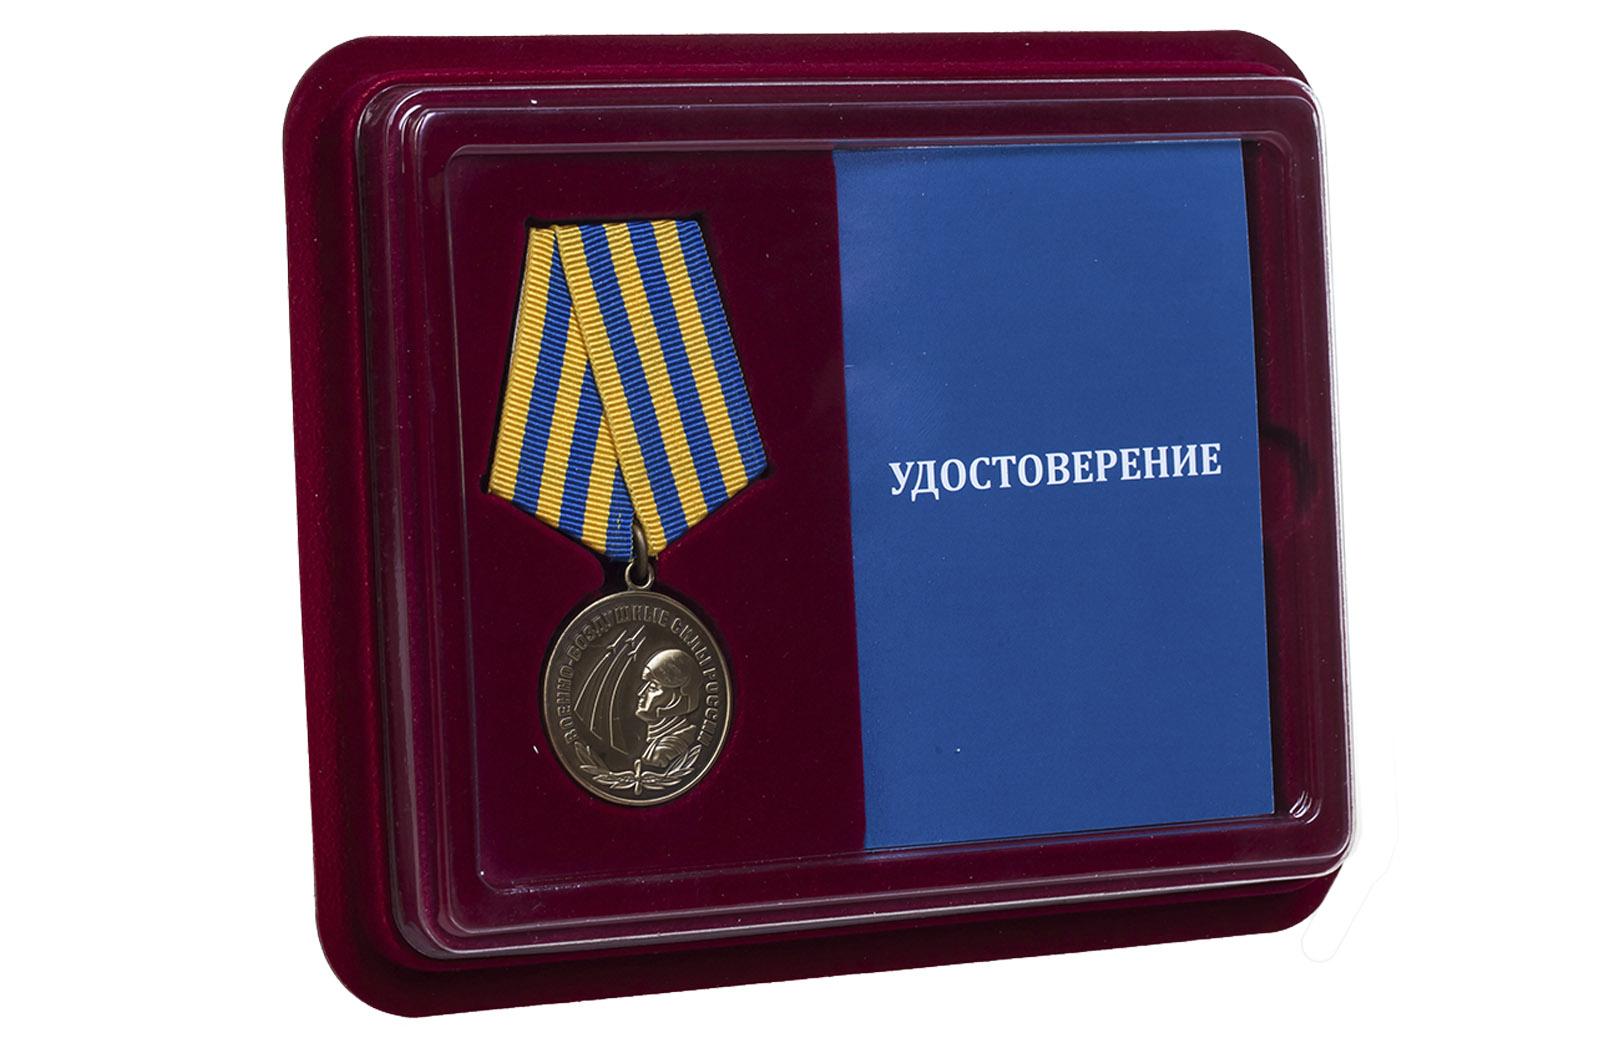 Купить медаль ВВС РФ Родина Мужество Честь Слава оптом или в розницу